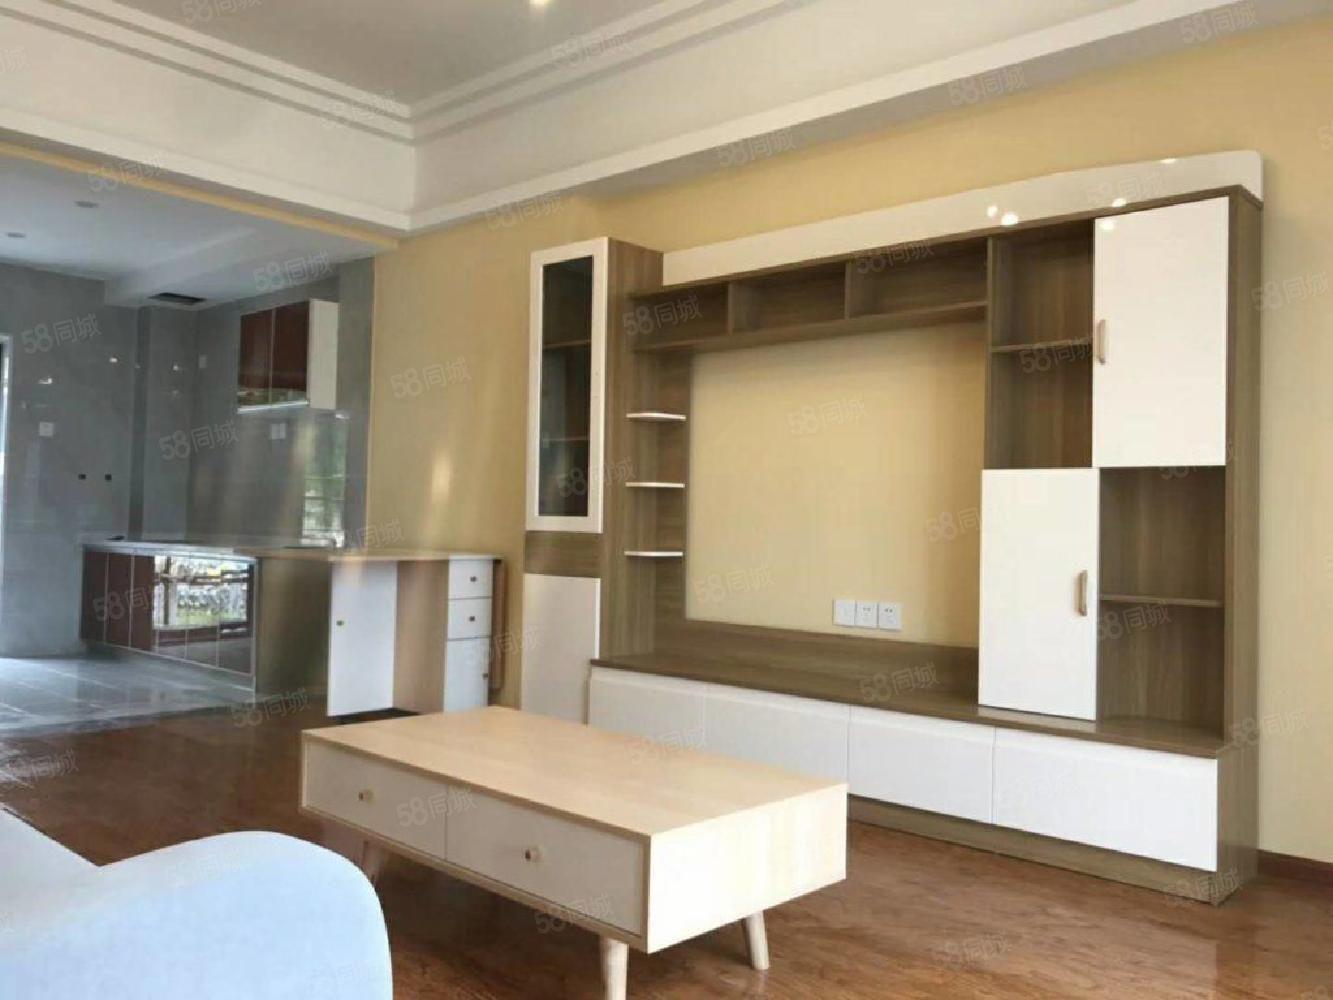 万达城精装现房公寓买到即可收益路客民宿为您保驾护航!